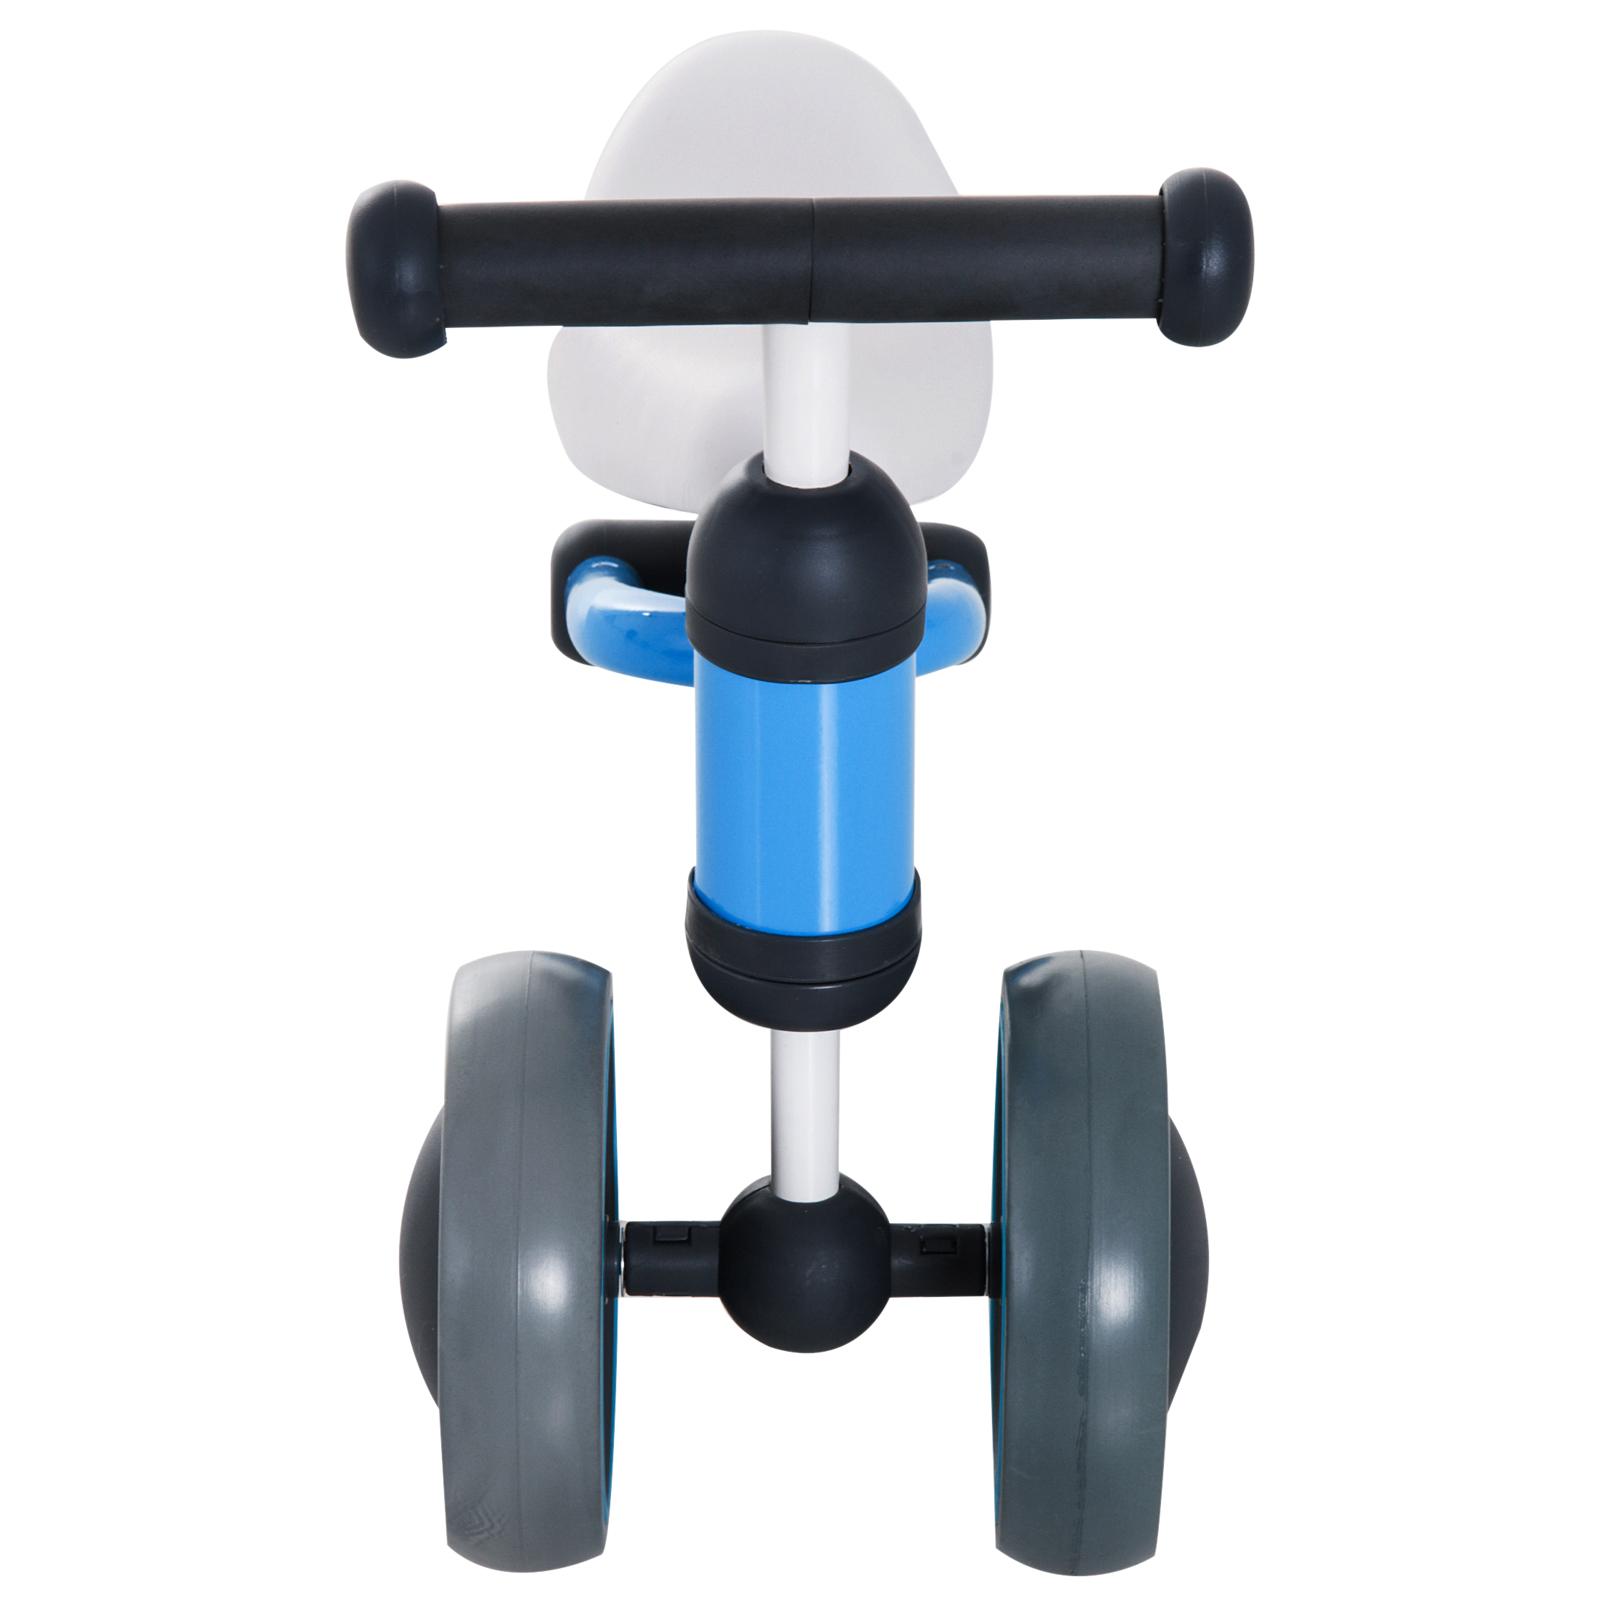 Triciclo-Bicicleta-sin-Pedales-para-Nino-1-3-Anos-Sillon-Comodo-Aluminio miniatura 21